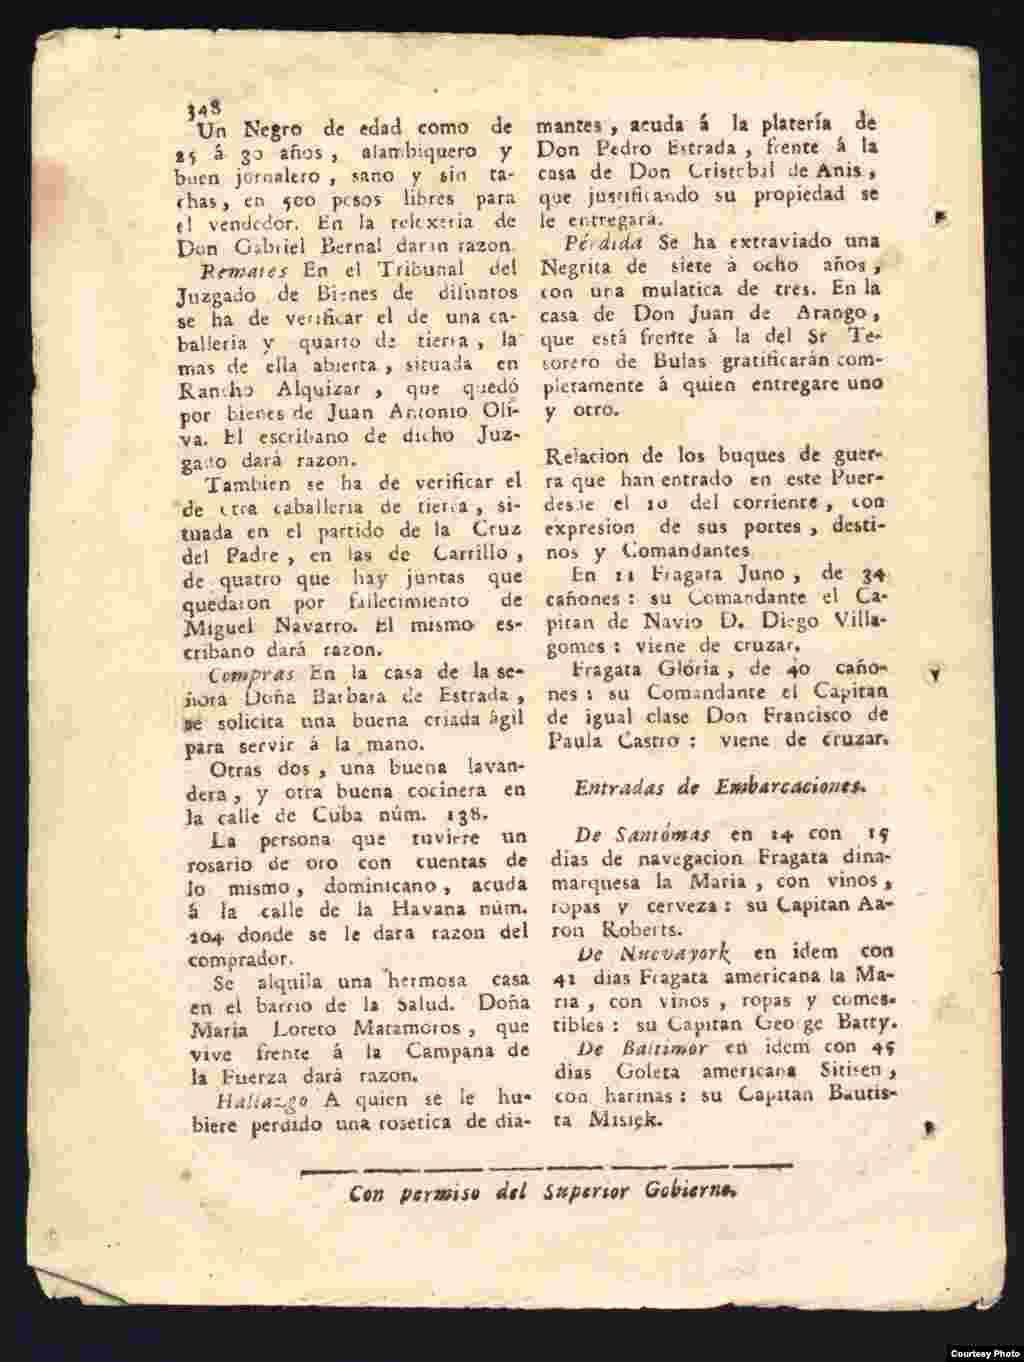 Papel Periódico de La Havana (4)